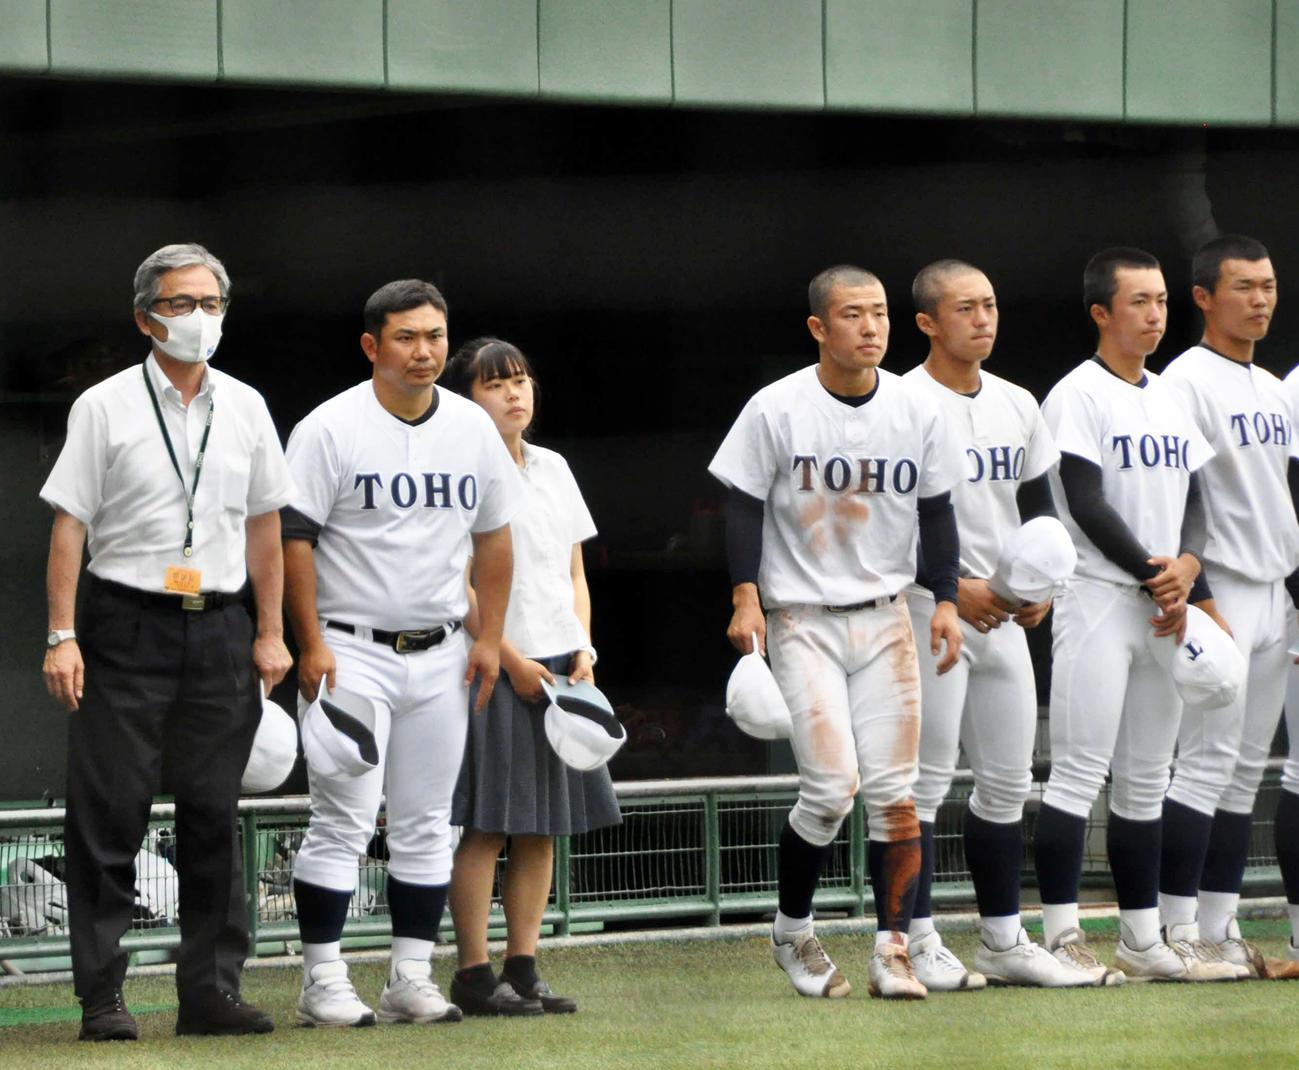 5回コールド勝ちし、ベンチ前に整列する東邦・山田監督(左から2人目)と選手たち(撮影・石橋隆雄)